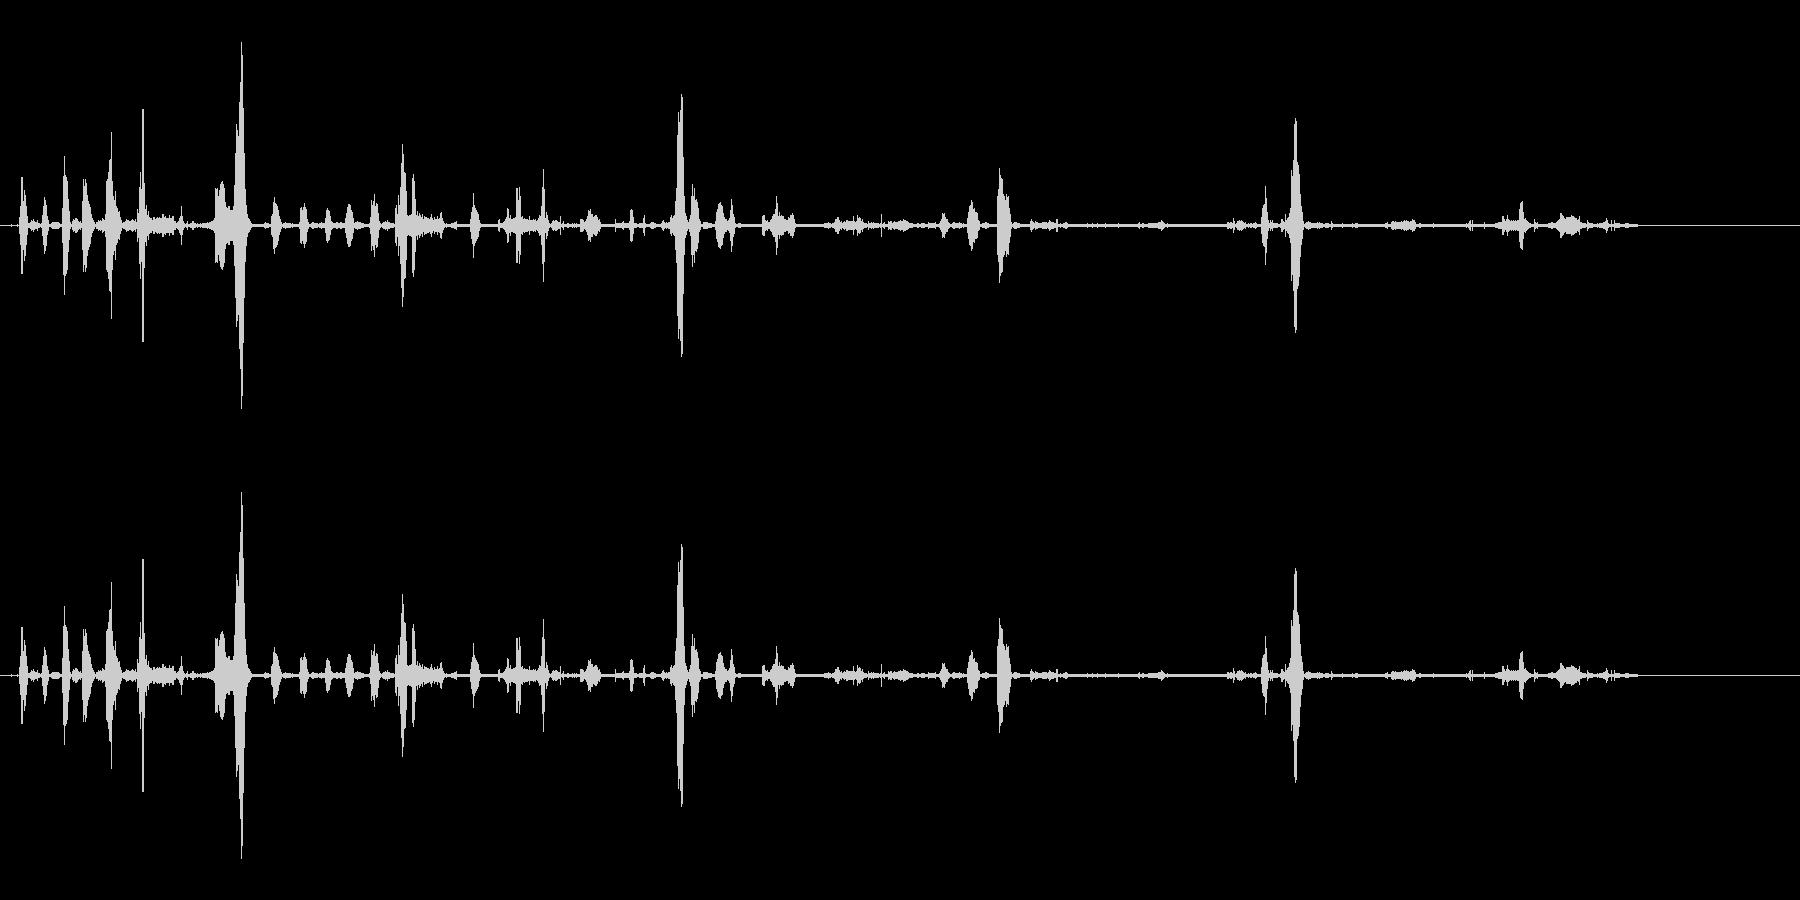 犬-シベリアンハスキー-あえぎ-の未再生の波形